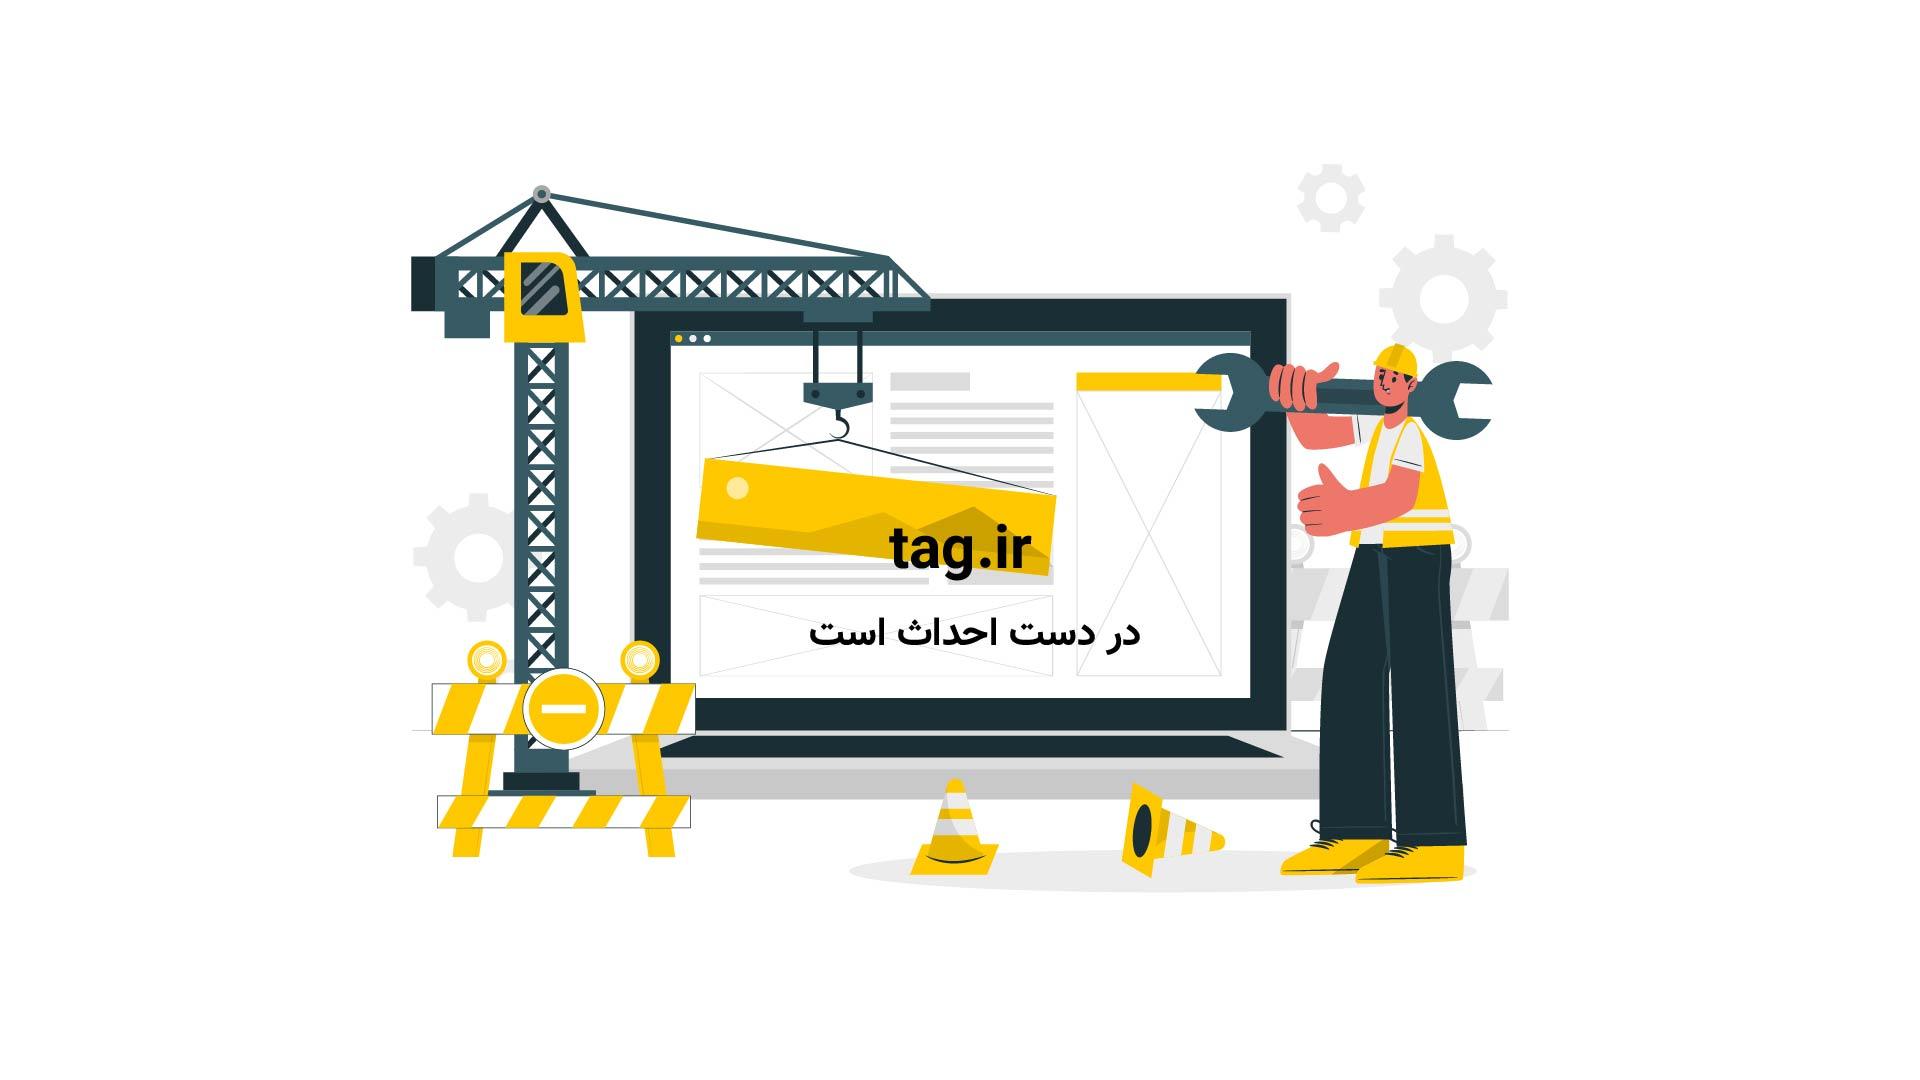 تخم مرغ | تگ